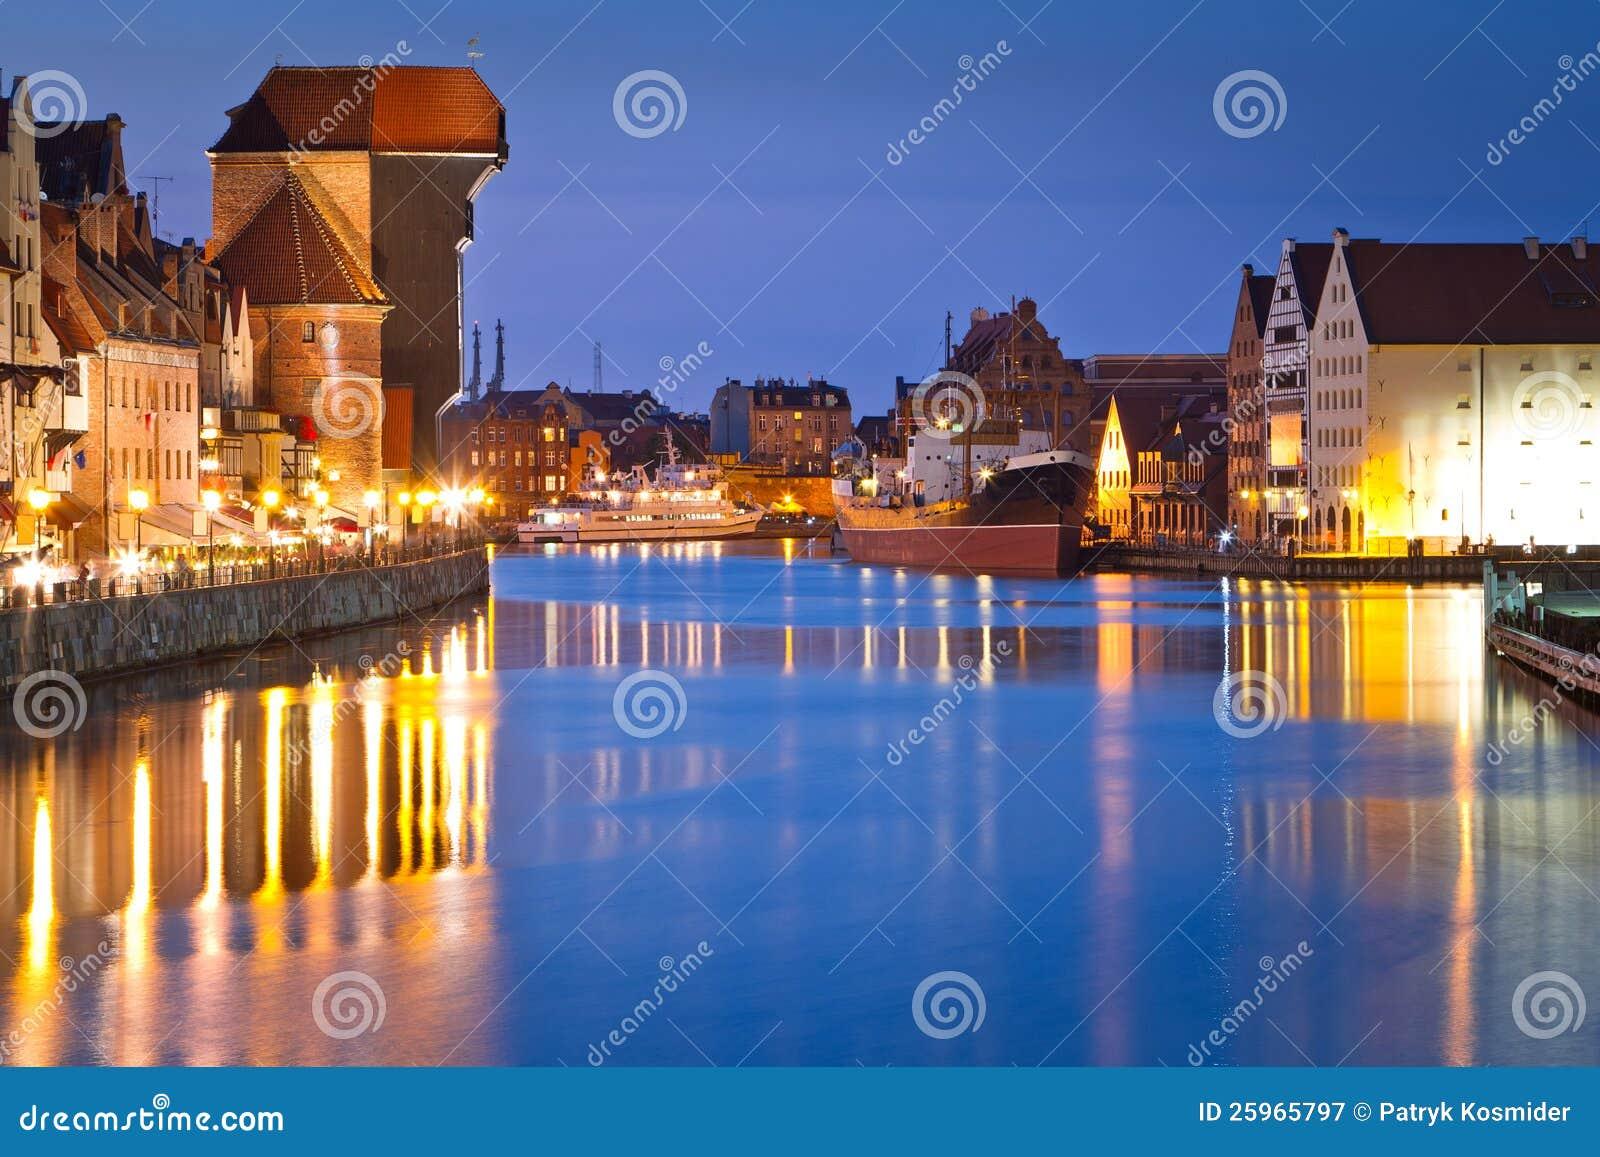 Gdansk Mit Altem Kran Nachts Stockbild - Bild von baltisch ...